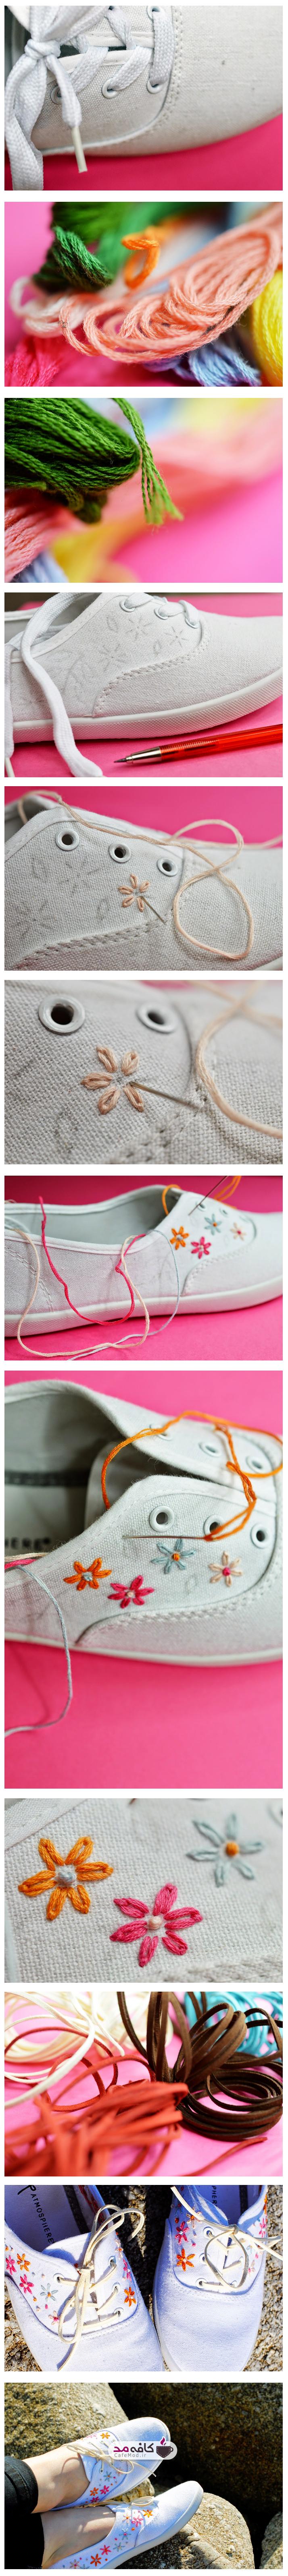 آموزش گلدوزی روی کفش ساده